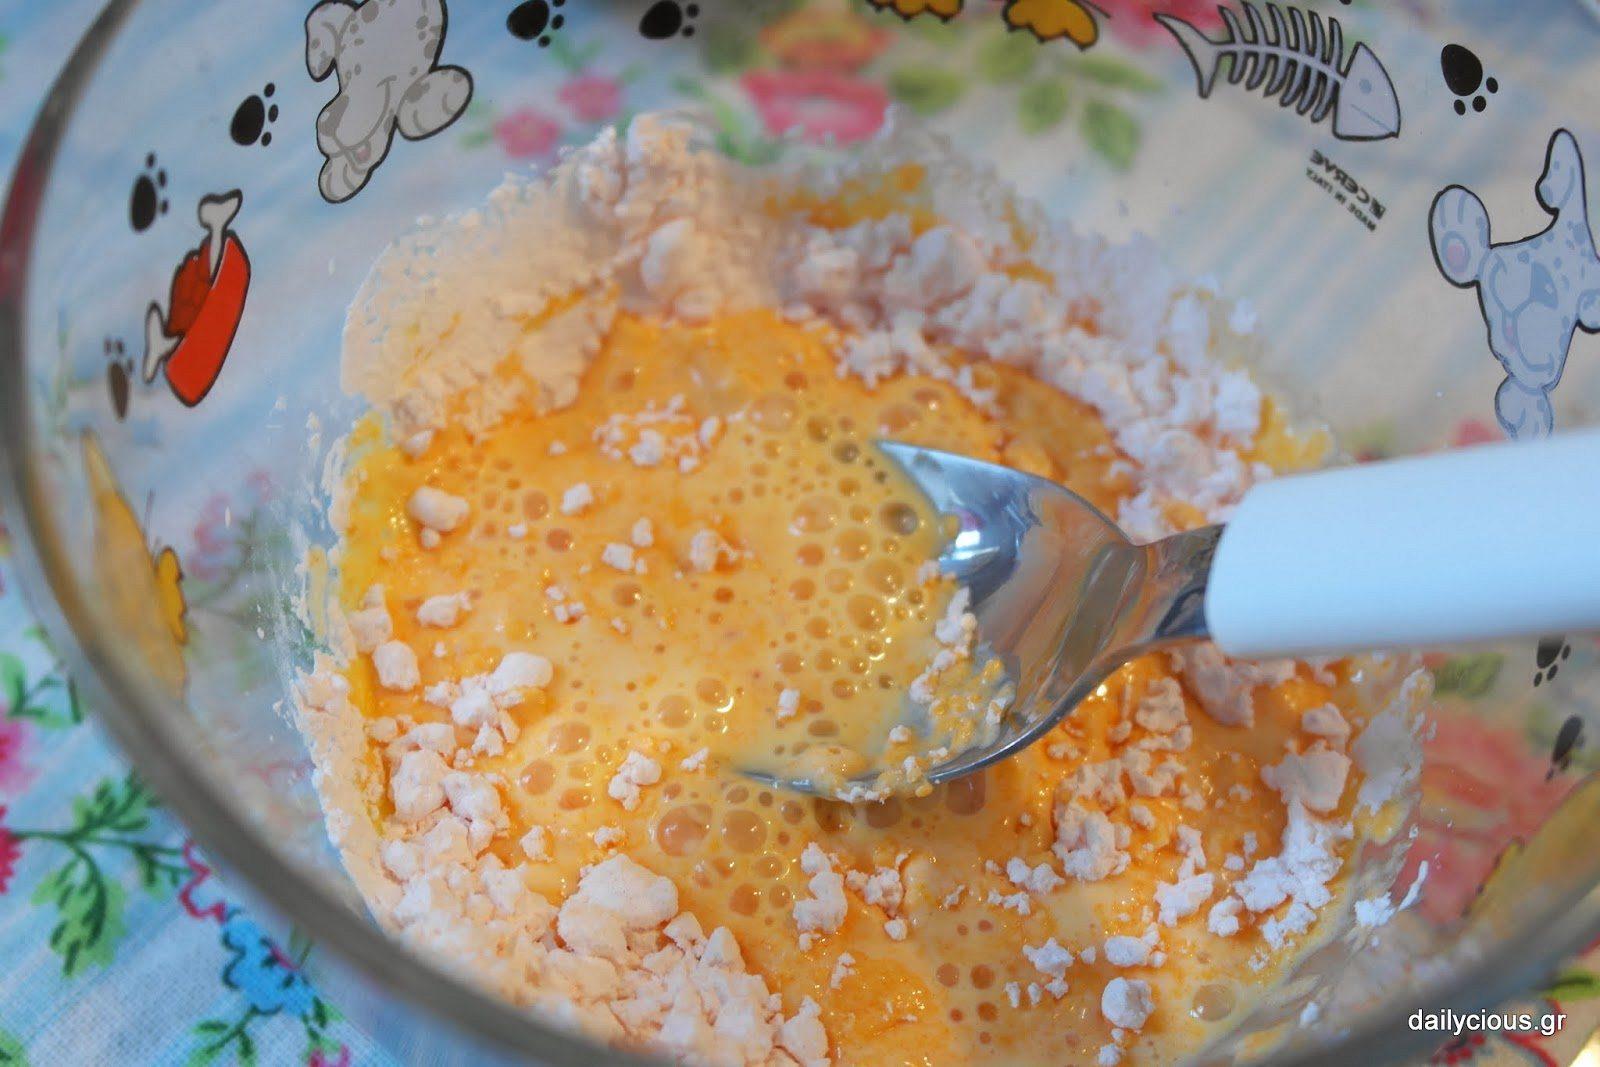 Το άνθος αραβοσίτου με το γάλα.